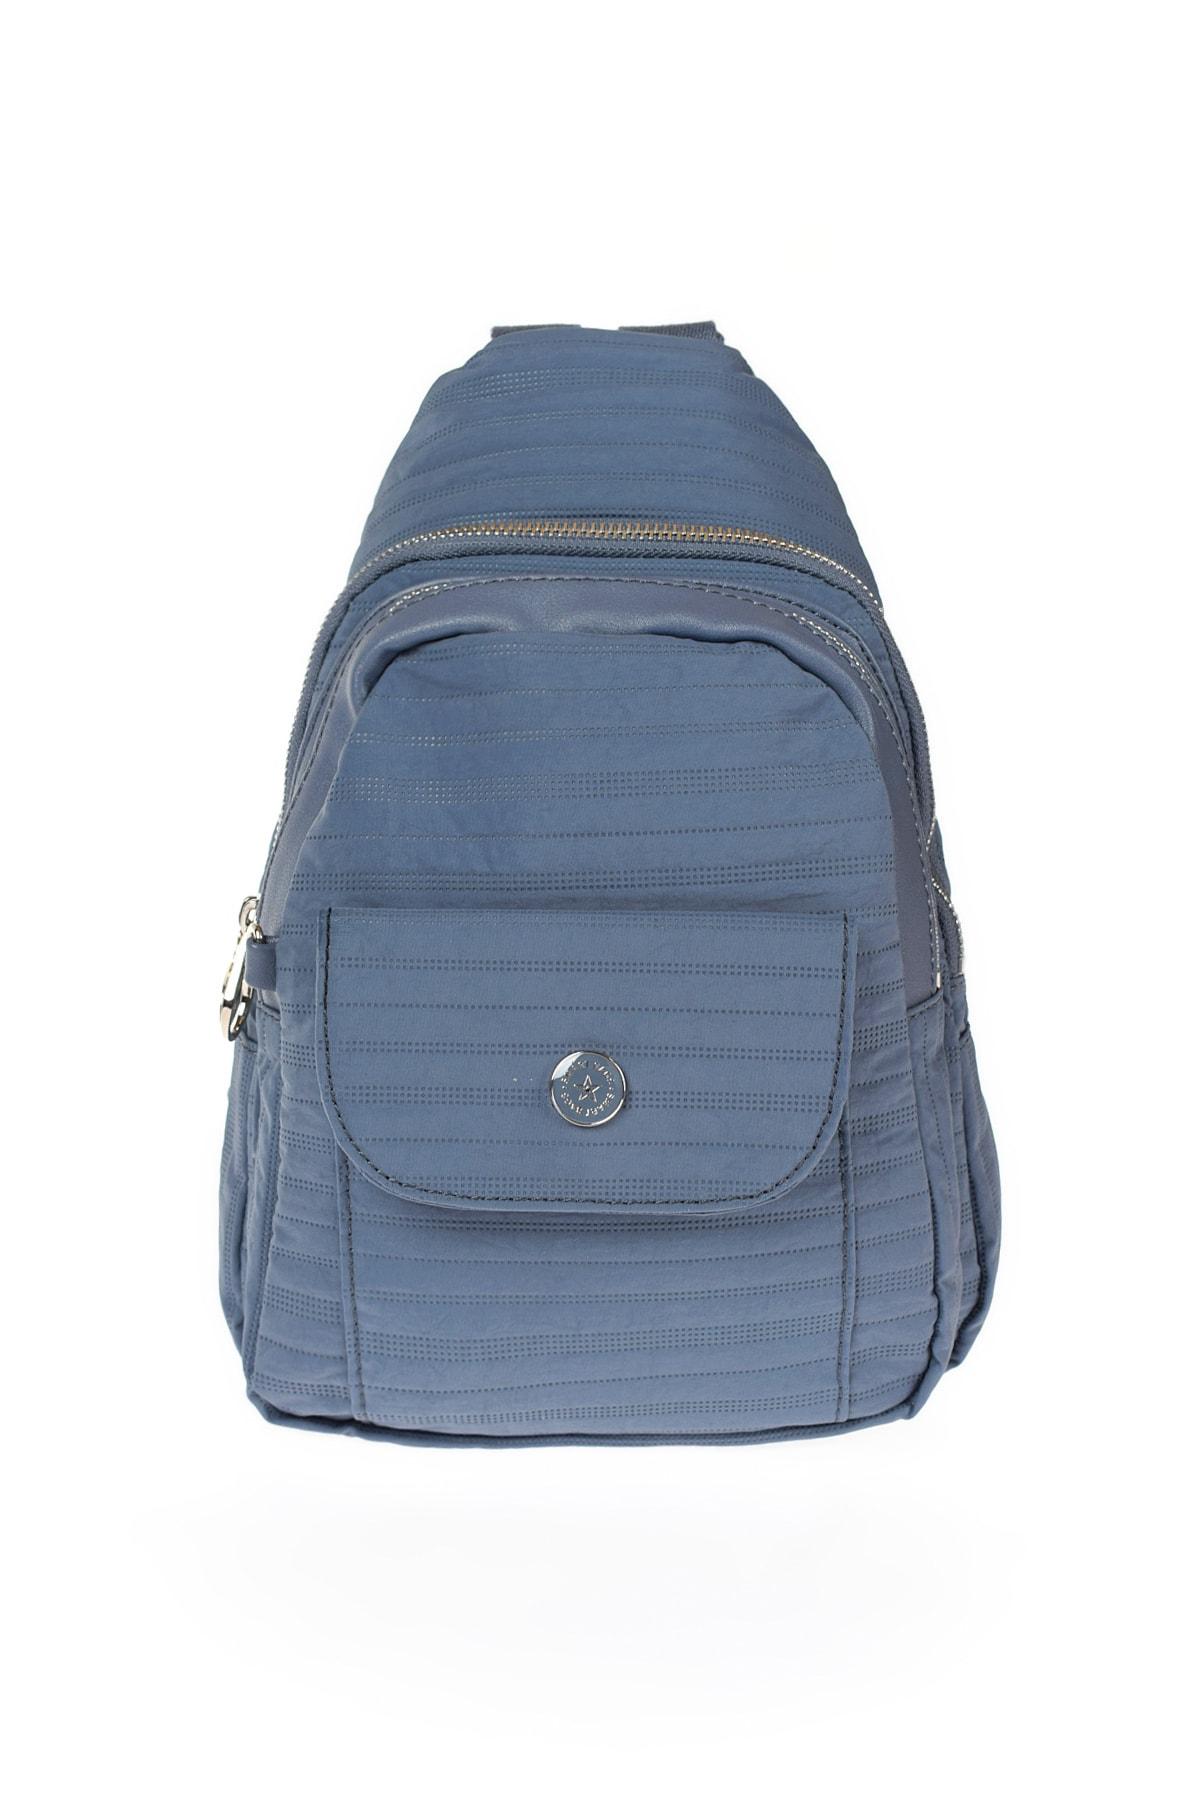 SMART BAGS Siyah Kadın Bel Çantası 0Smgw2020021 1